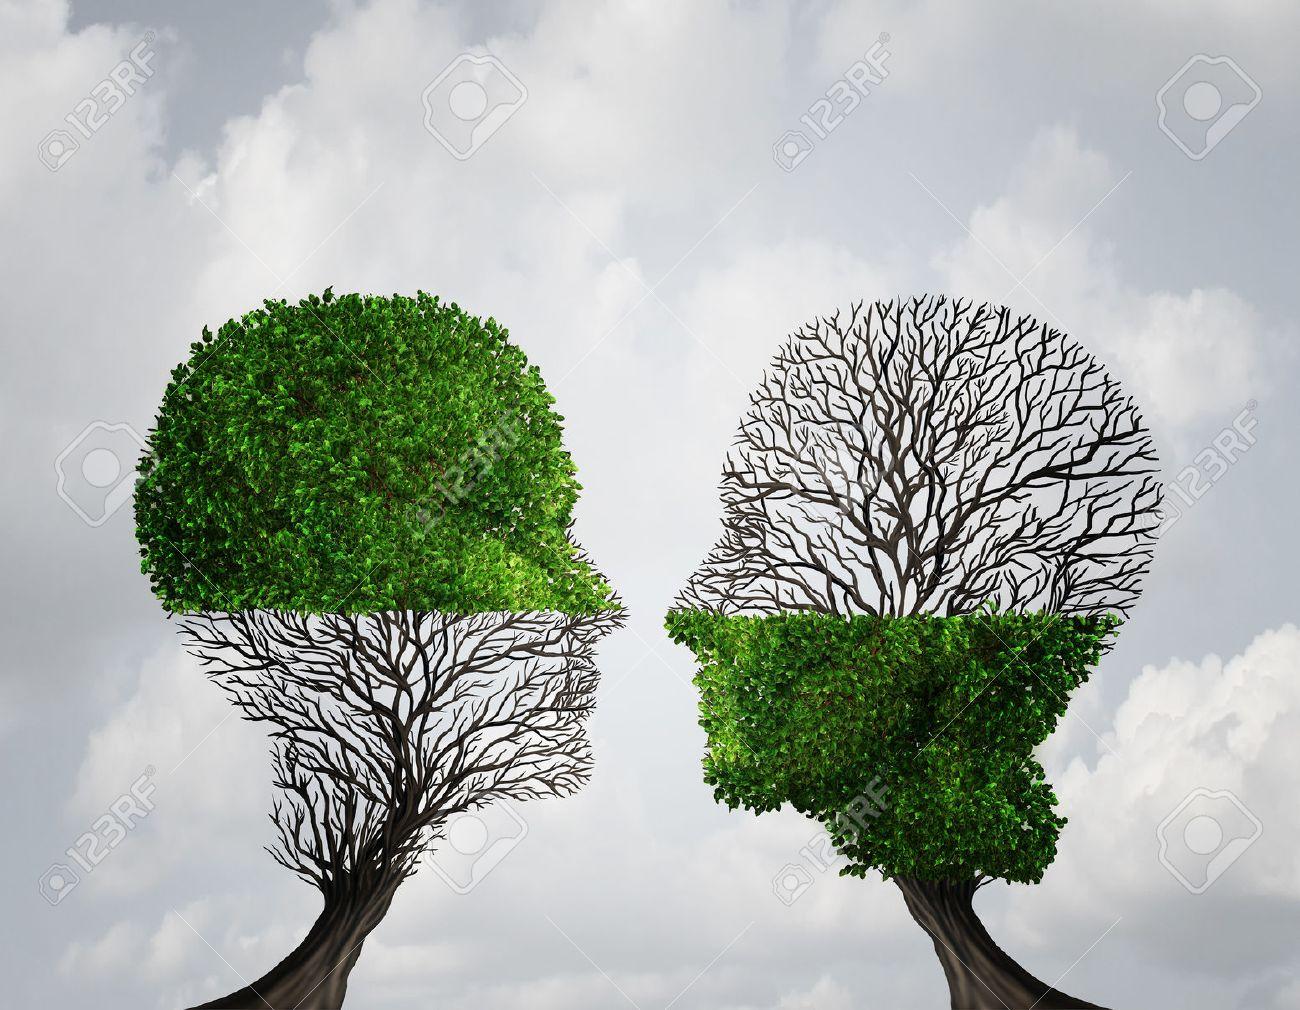 Se Complementan Entre Sí Concepto Como Dos árboles Con La Mitad Del